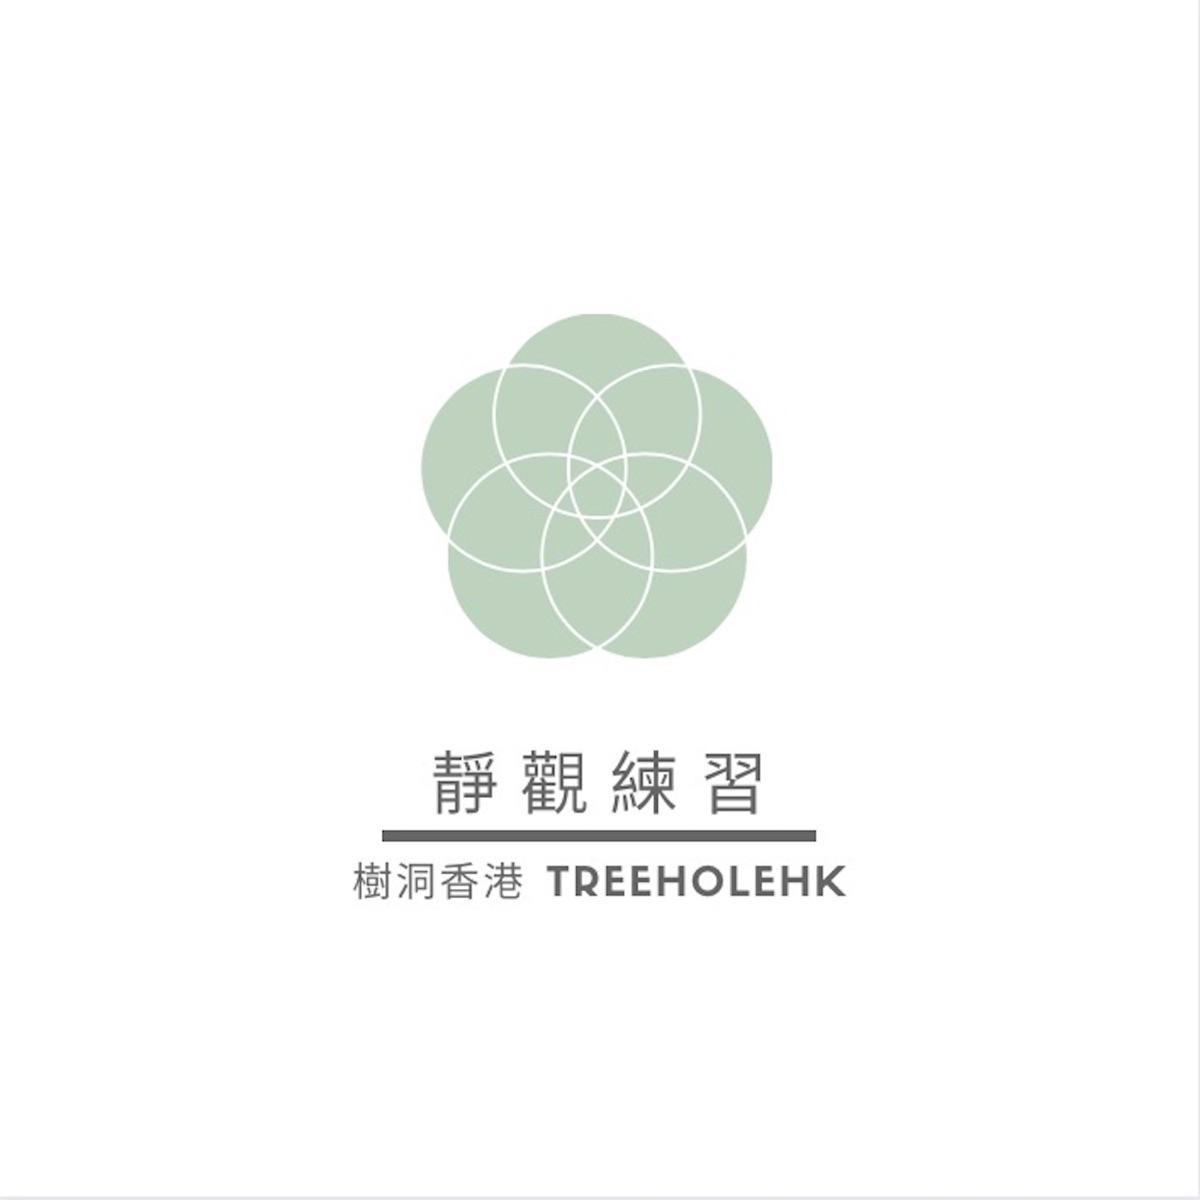 靜觀練習 樹洞香港 TreeholeHK